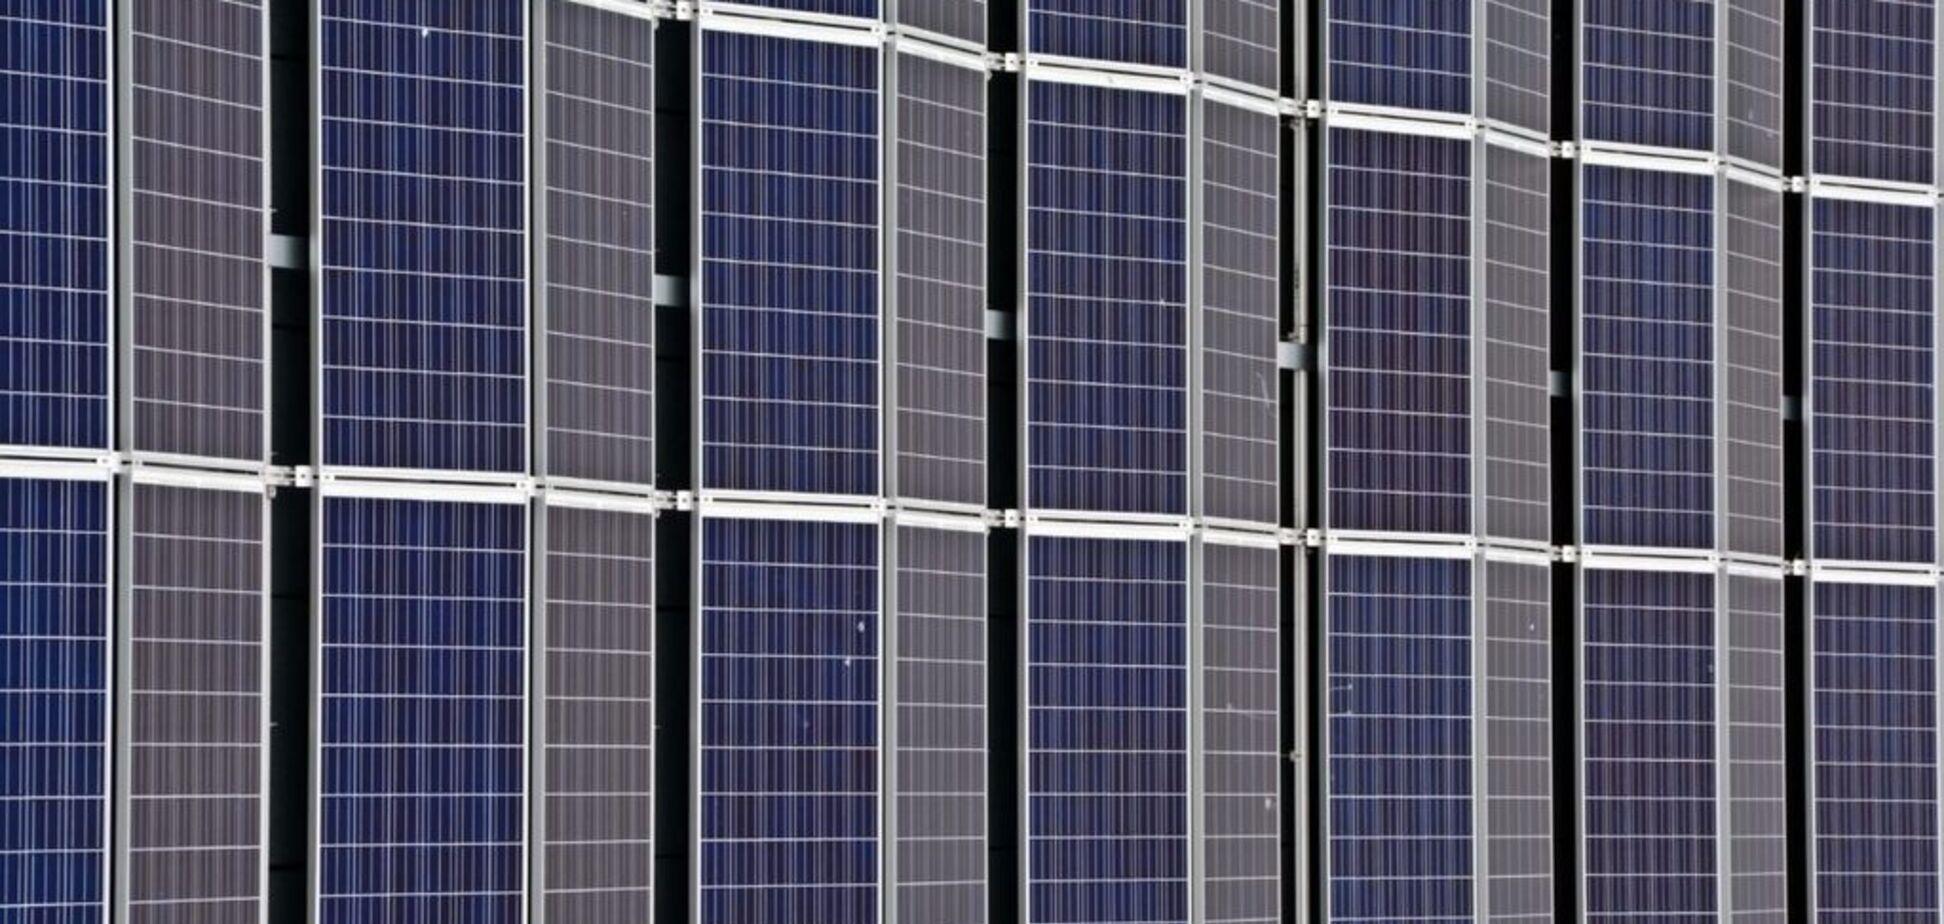 Инженеры из Германии и Китая резко увеличили мощность солнечных панелей